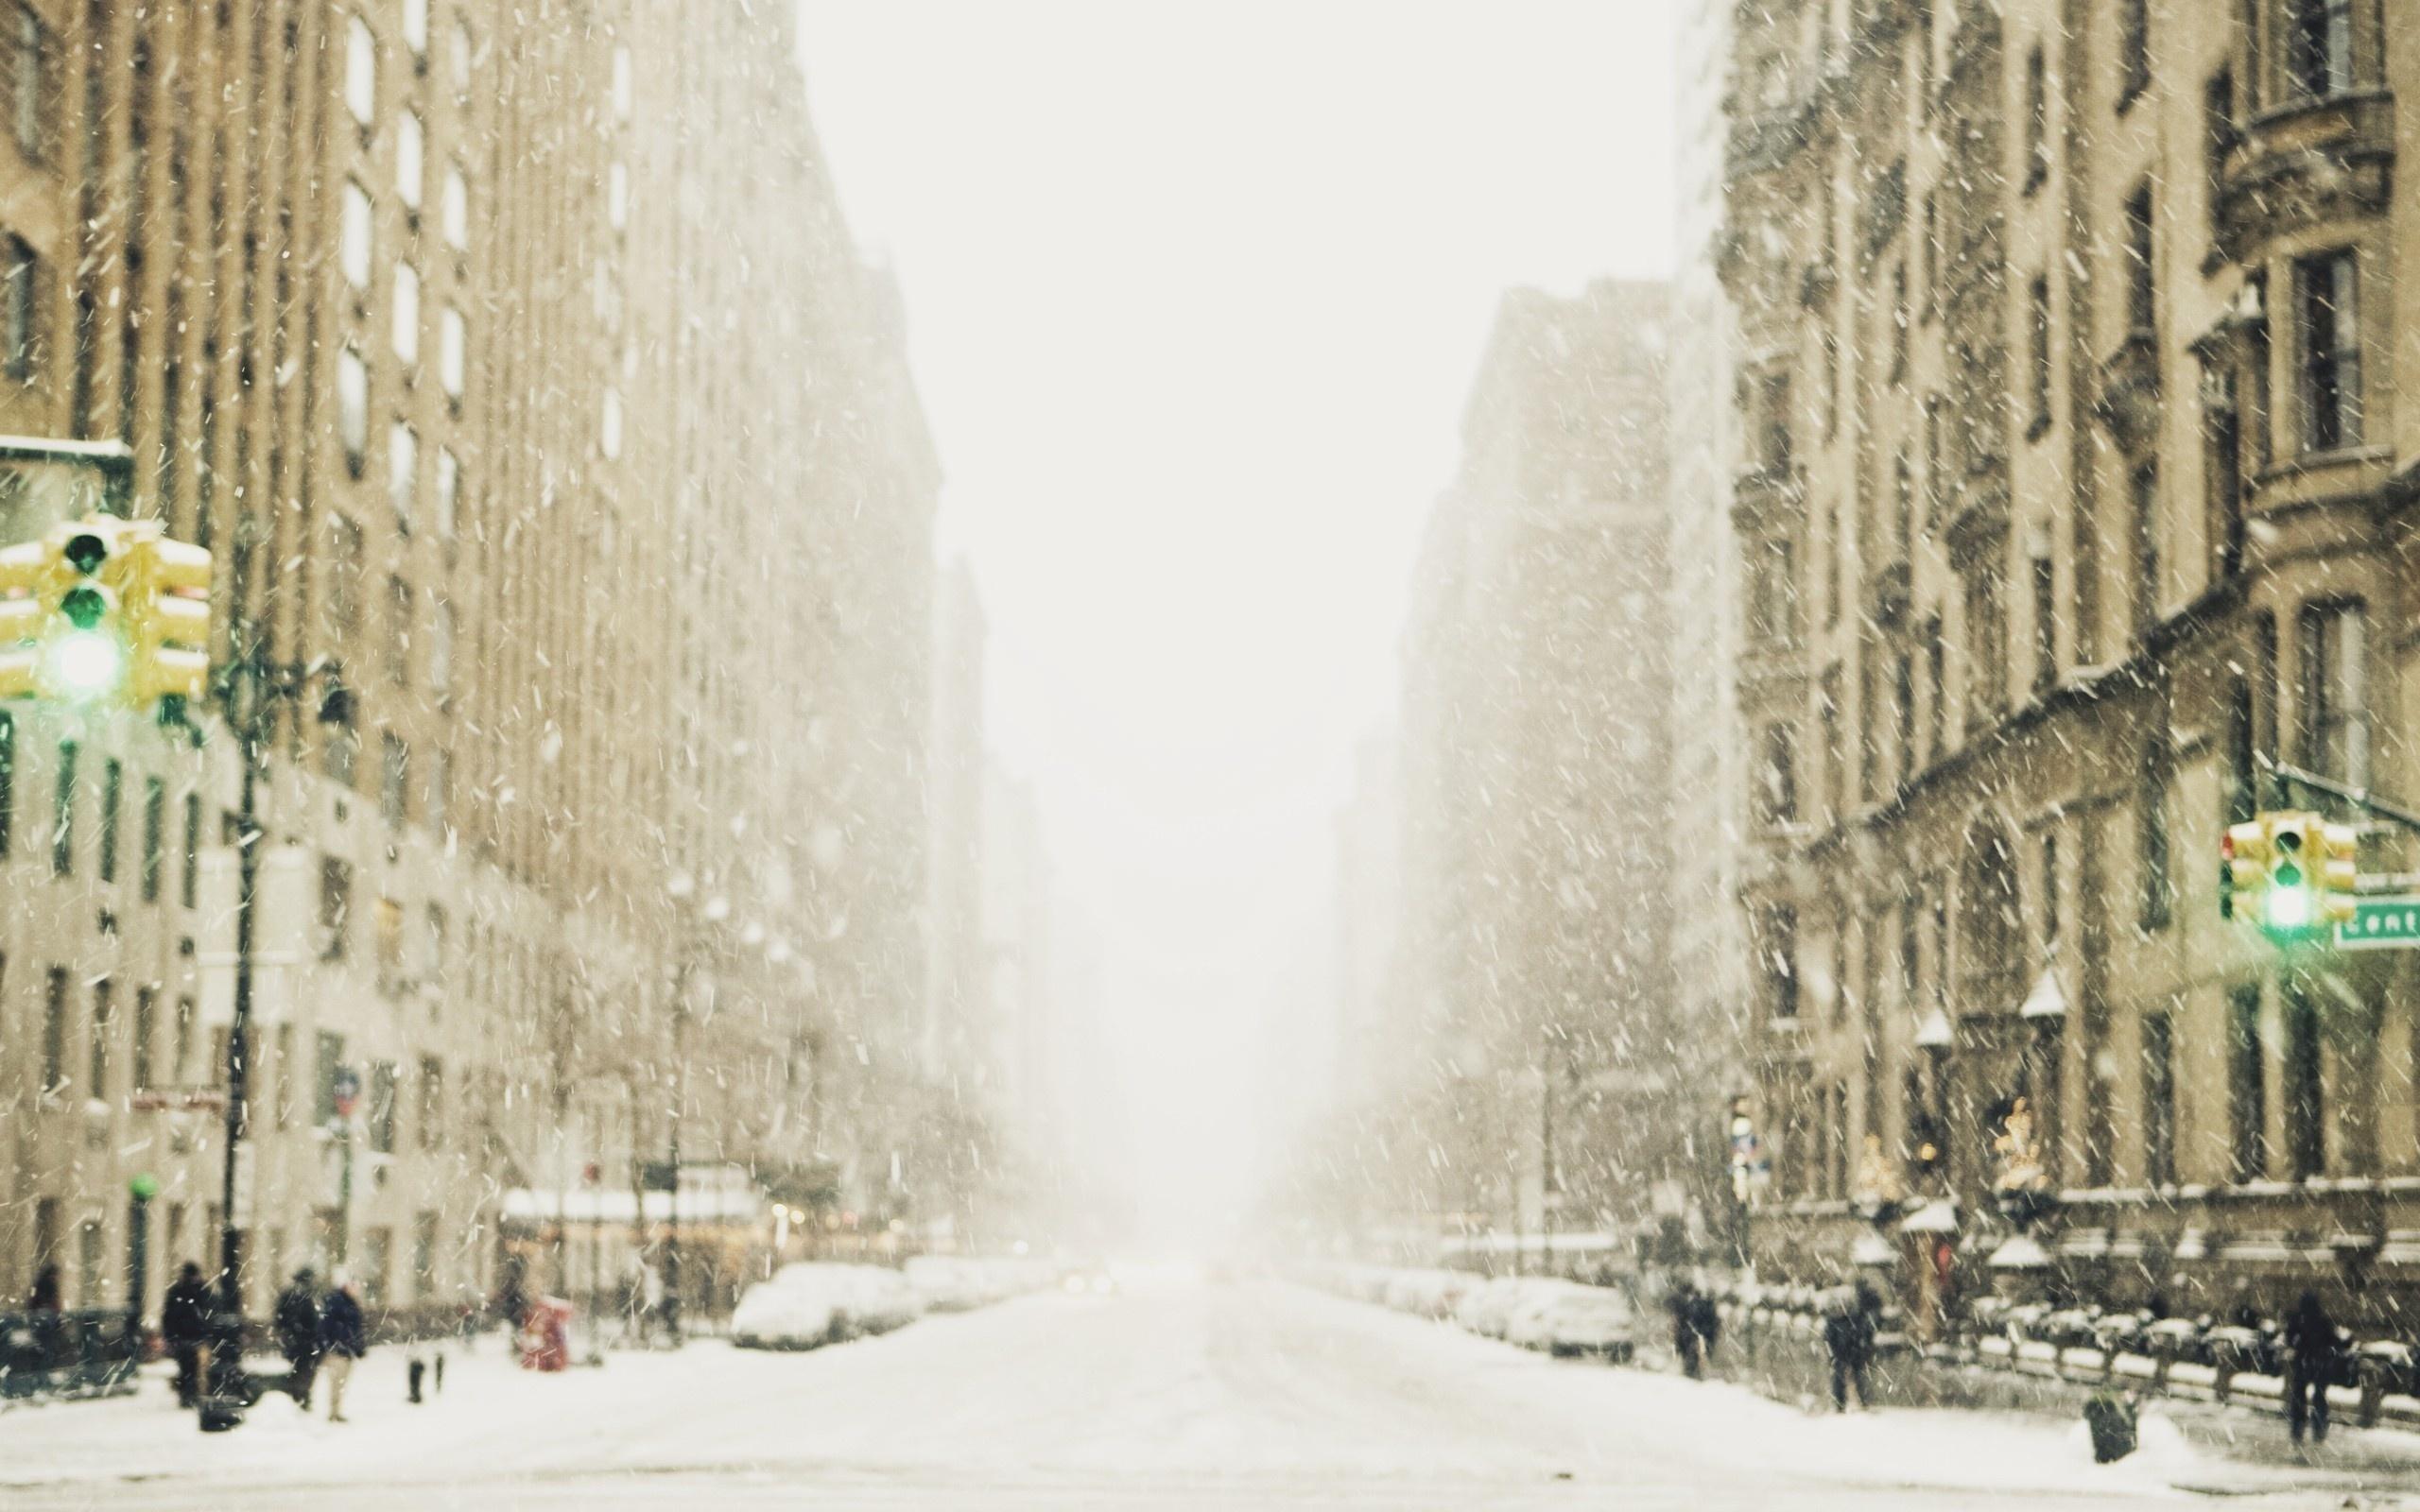 Идеи для фотосессии на природе зимой рекомендации роспотребнадзора